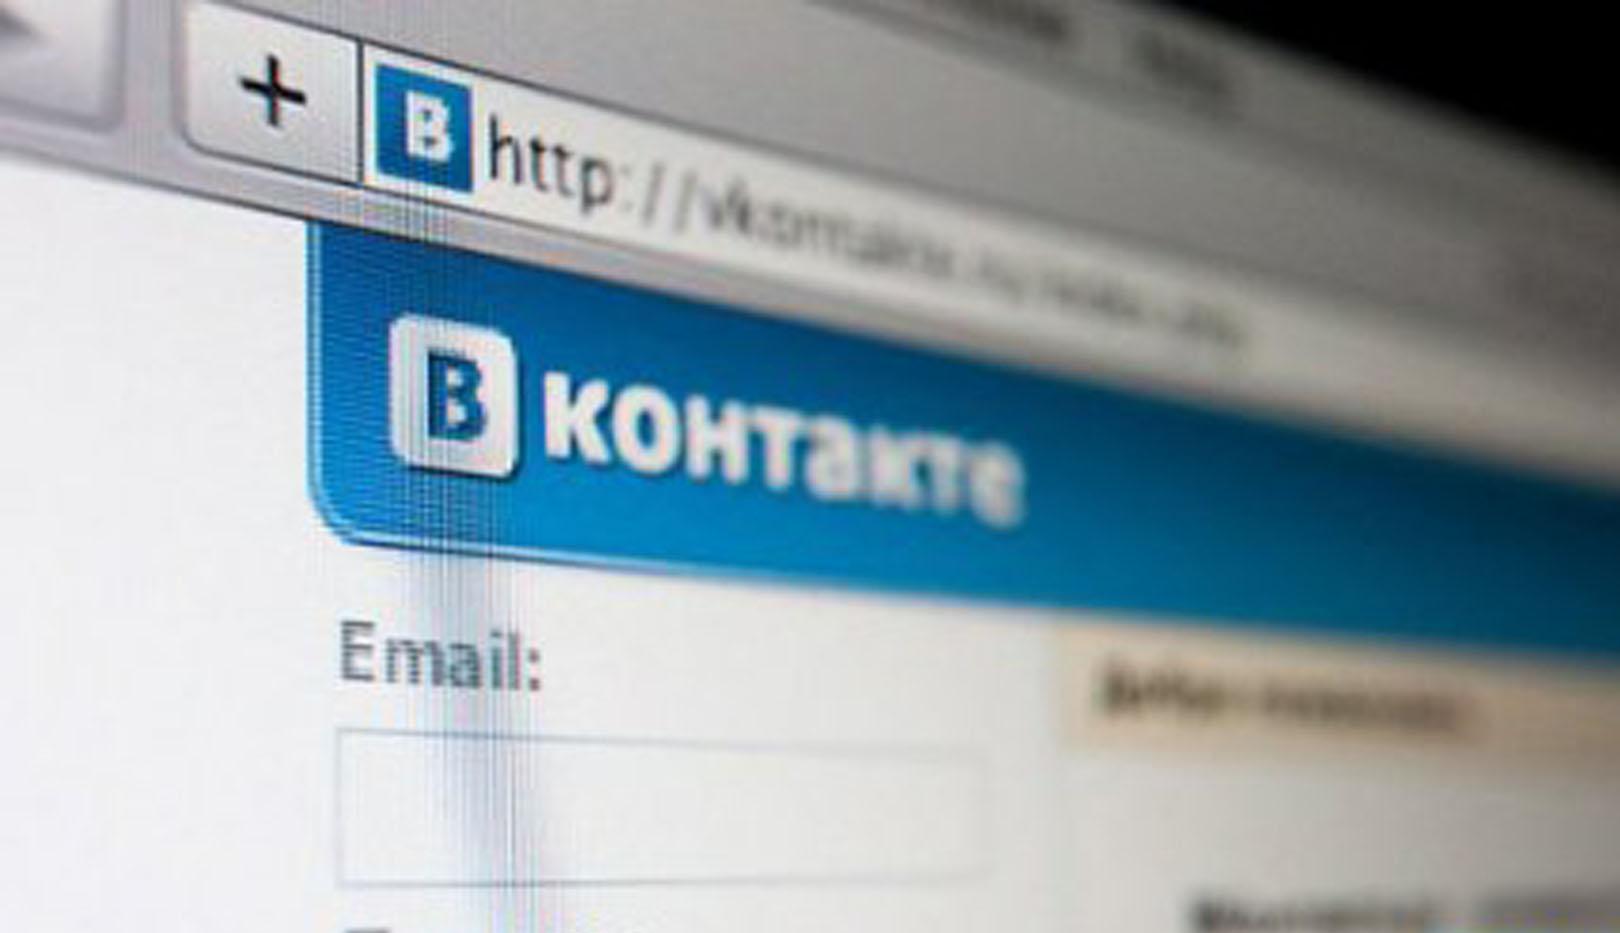 Мешканцю Одеської області винесли вирок за сепаратистські публікації «ВКонтакте»